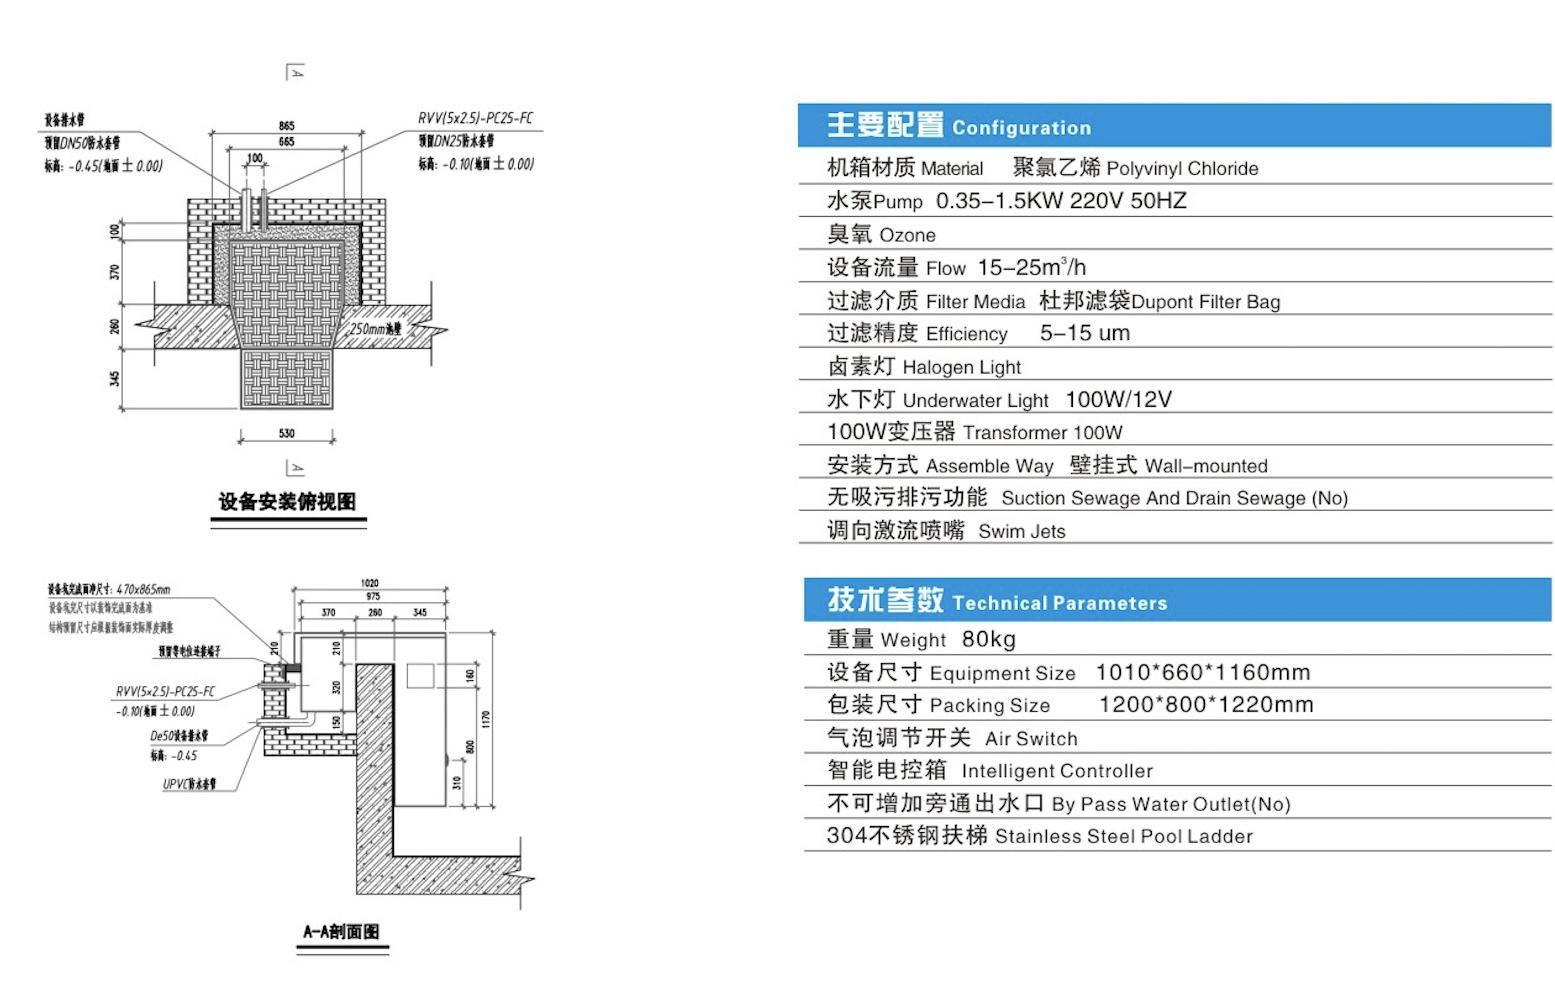 FX-25壁挂式一体化泳池过滤器